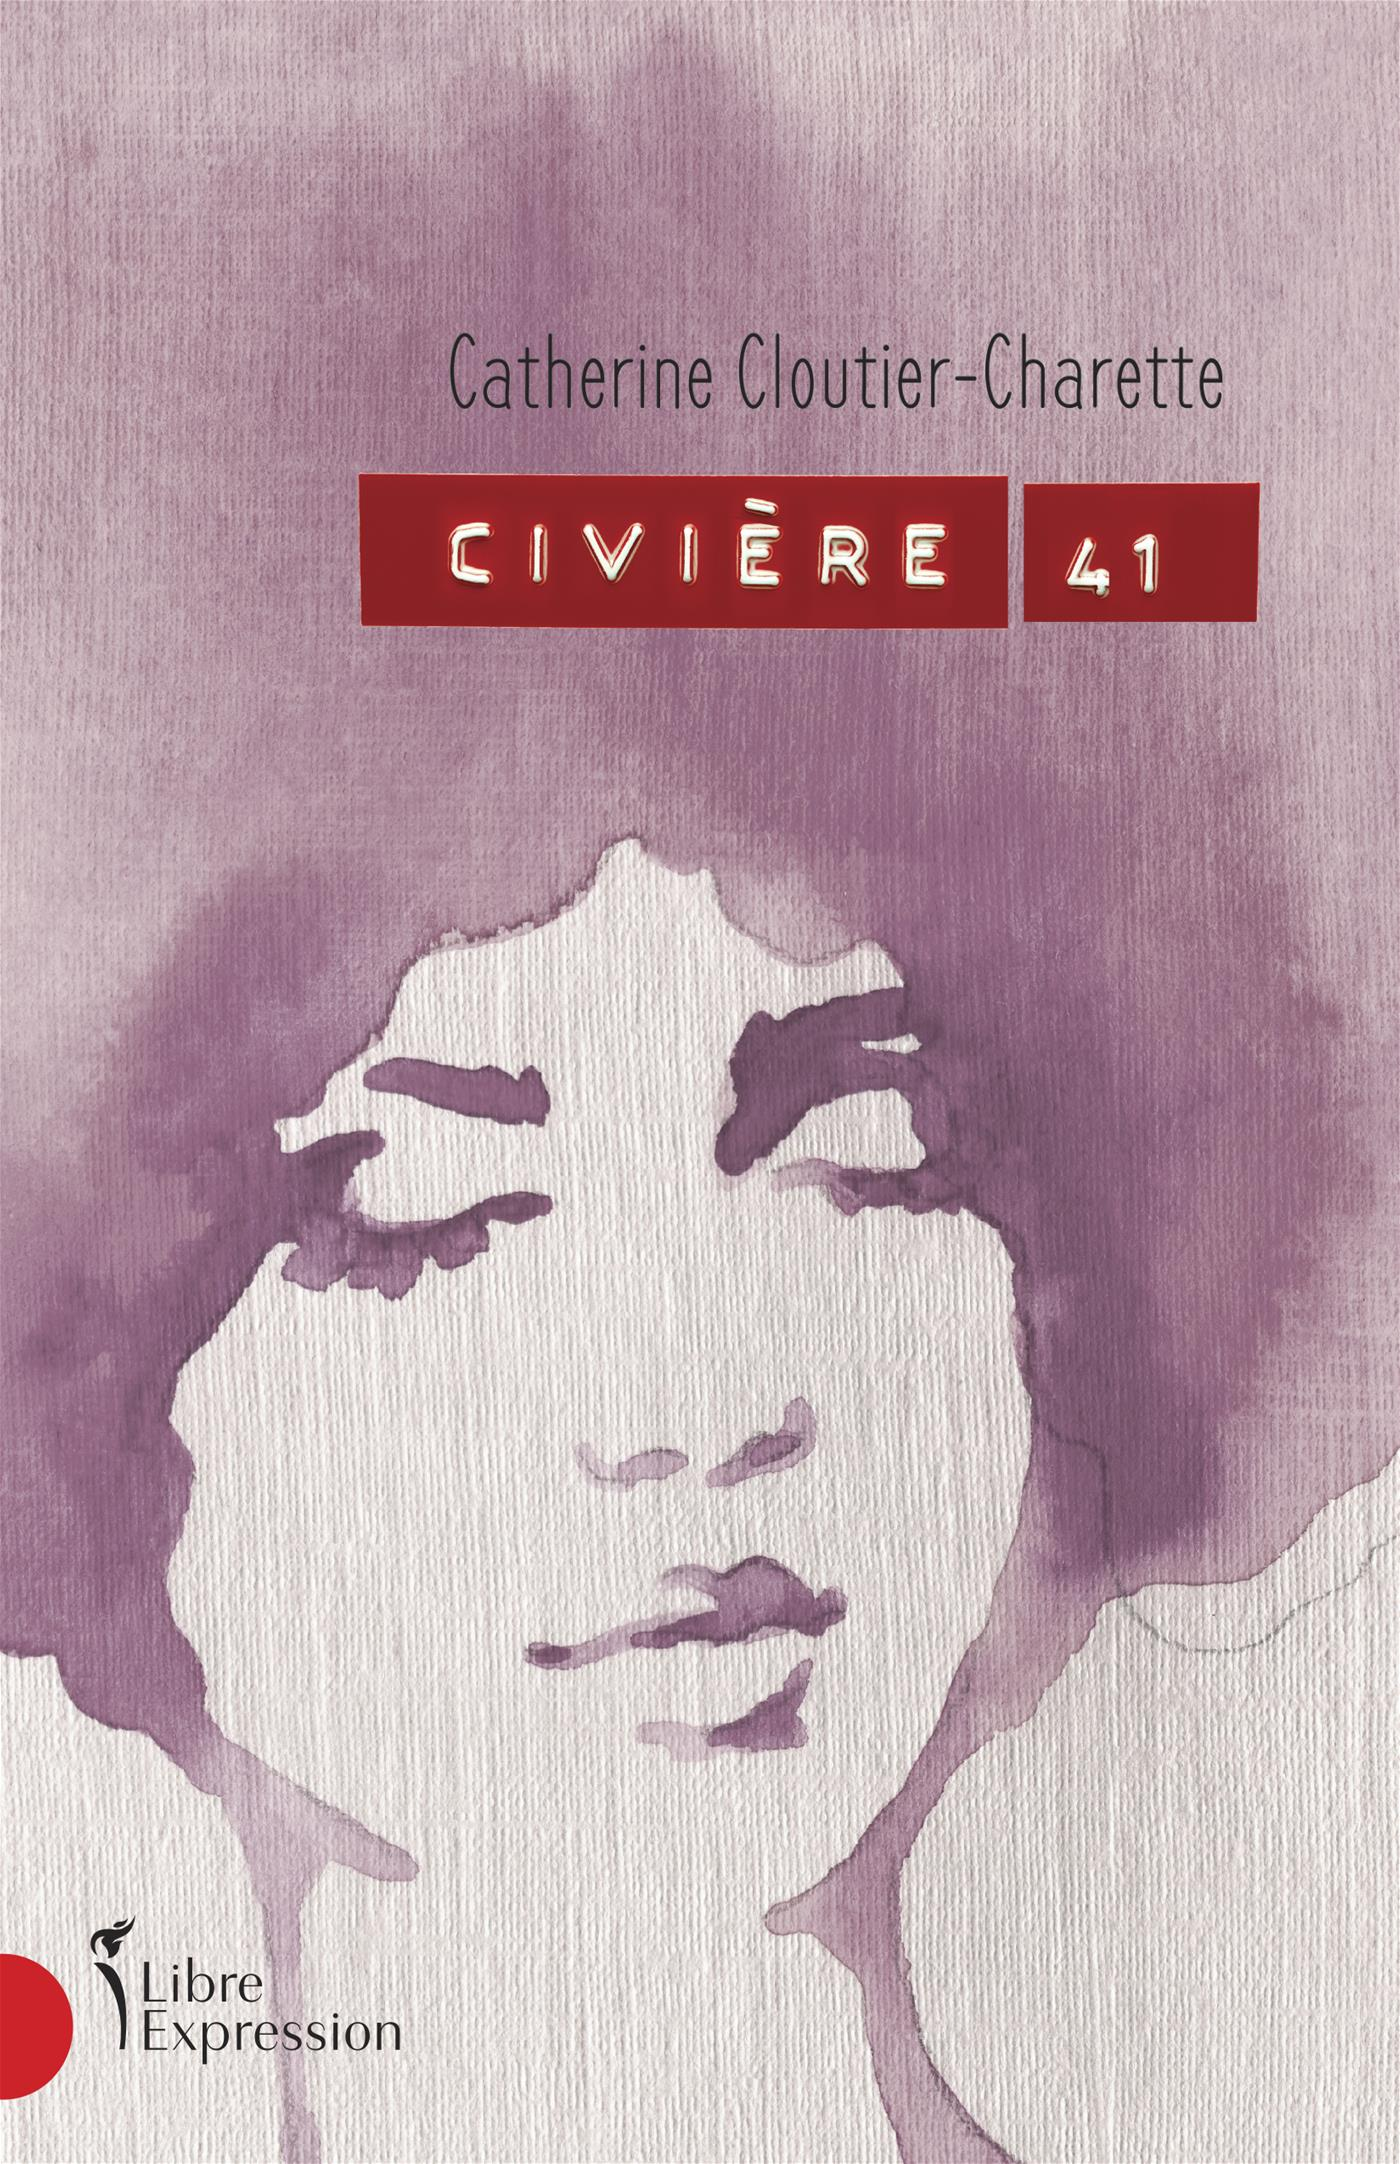 Civière 41